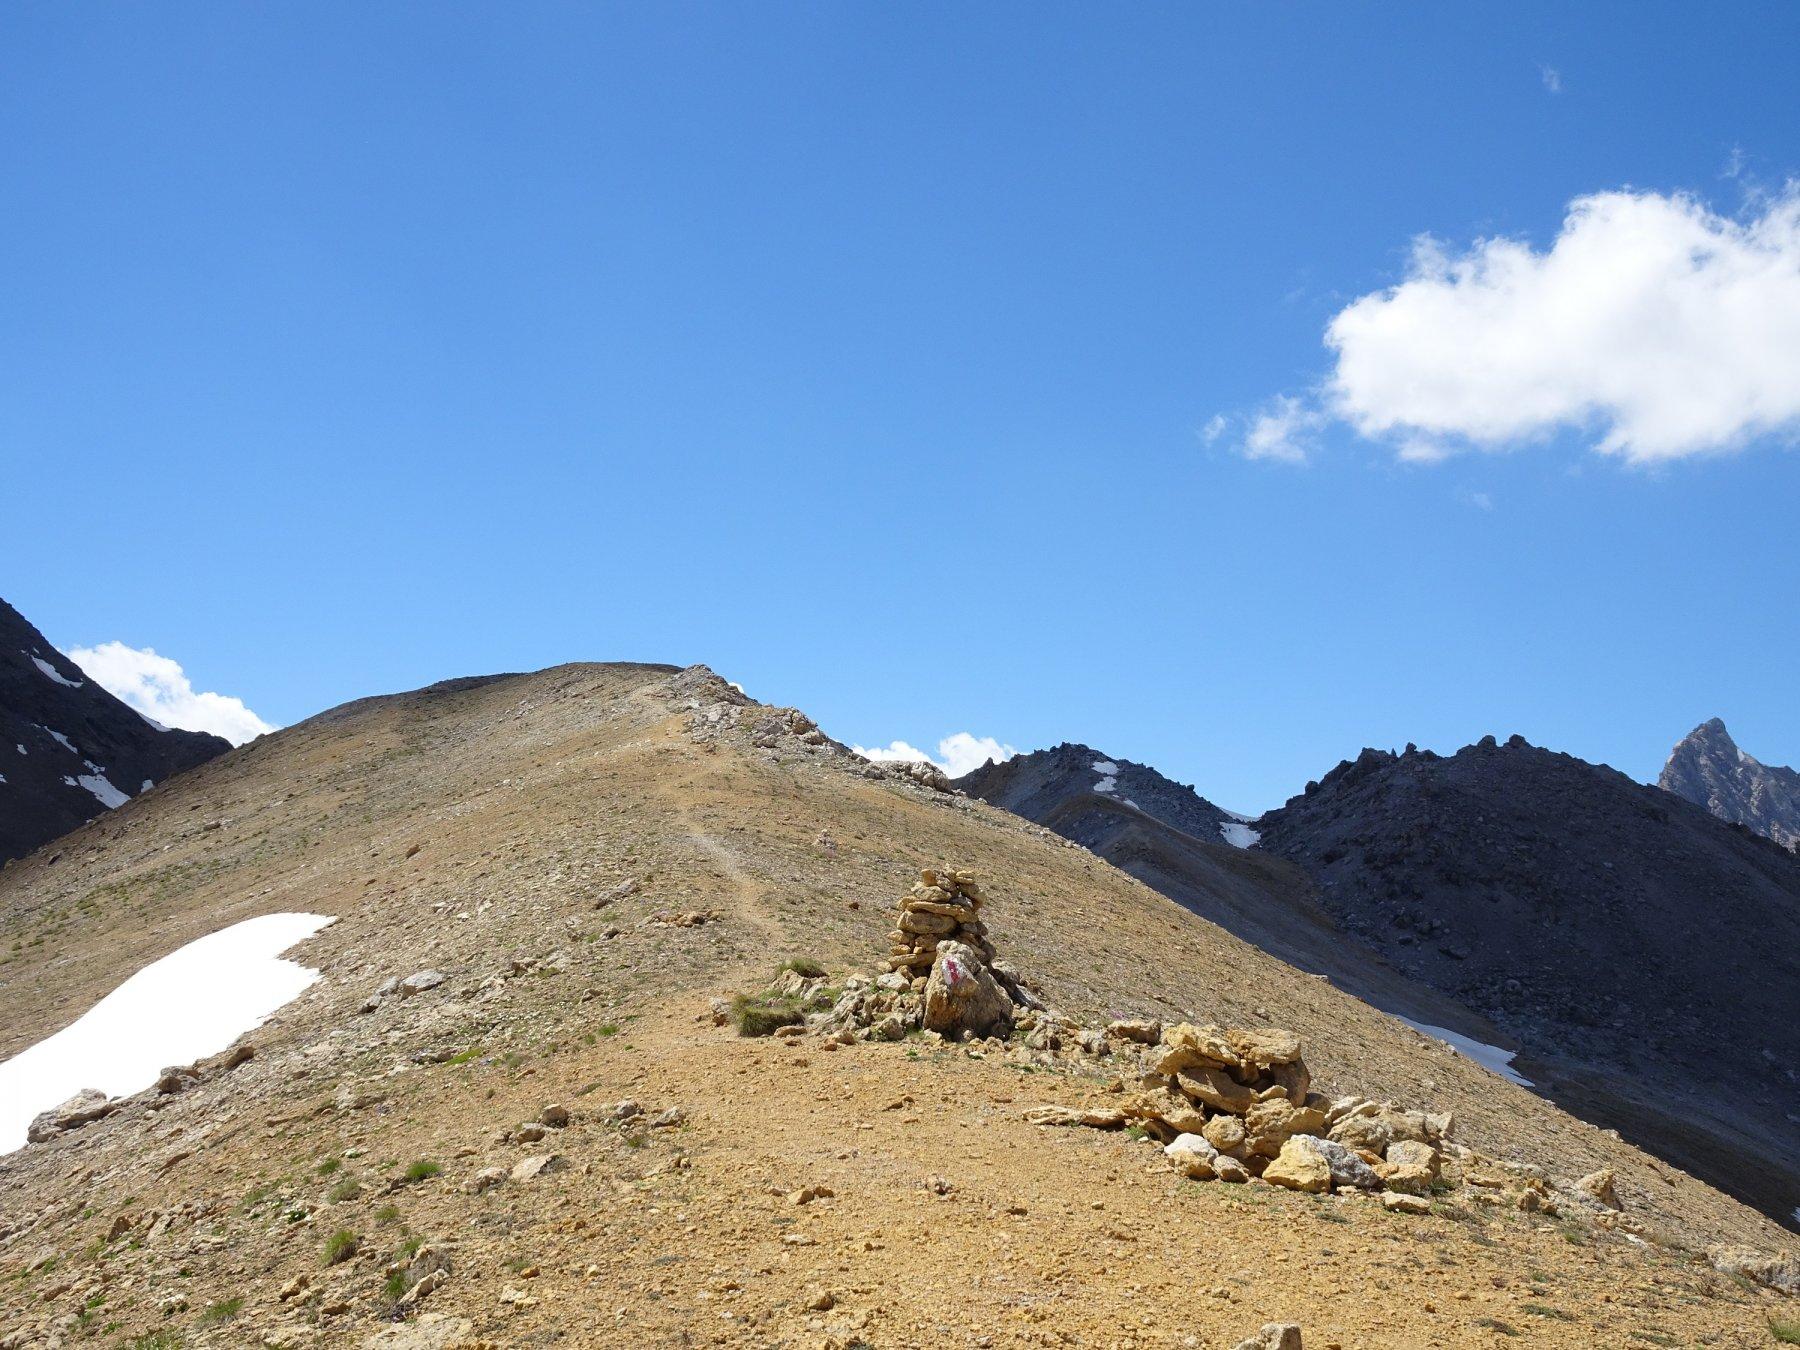 si potrebbe raggiungere una vicina cimetta, ma dopo 2000m di dislivello e quasi 30km di salita, bastano